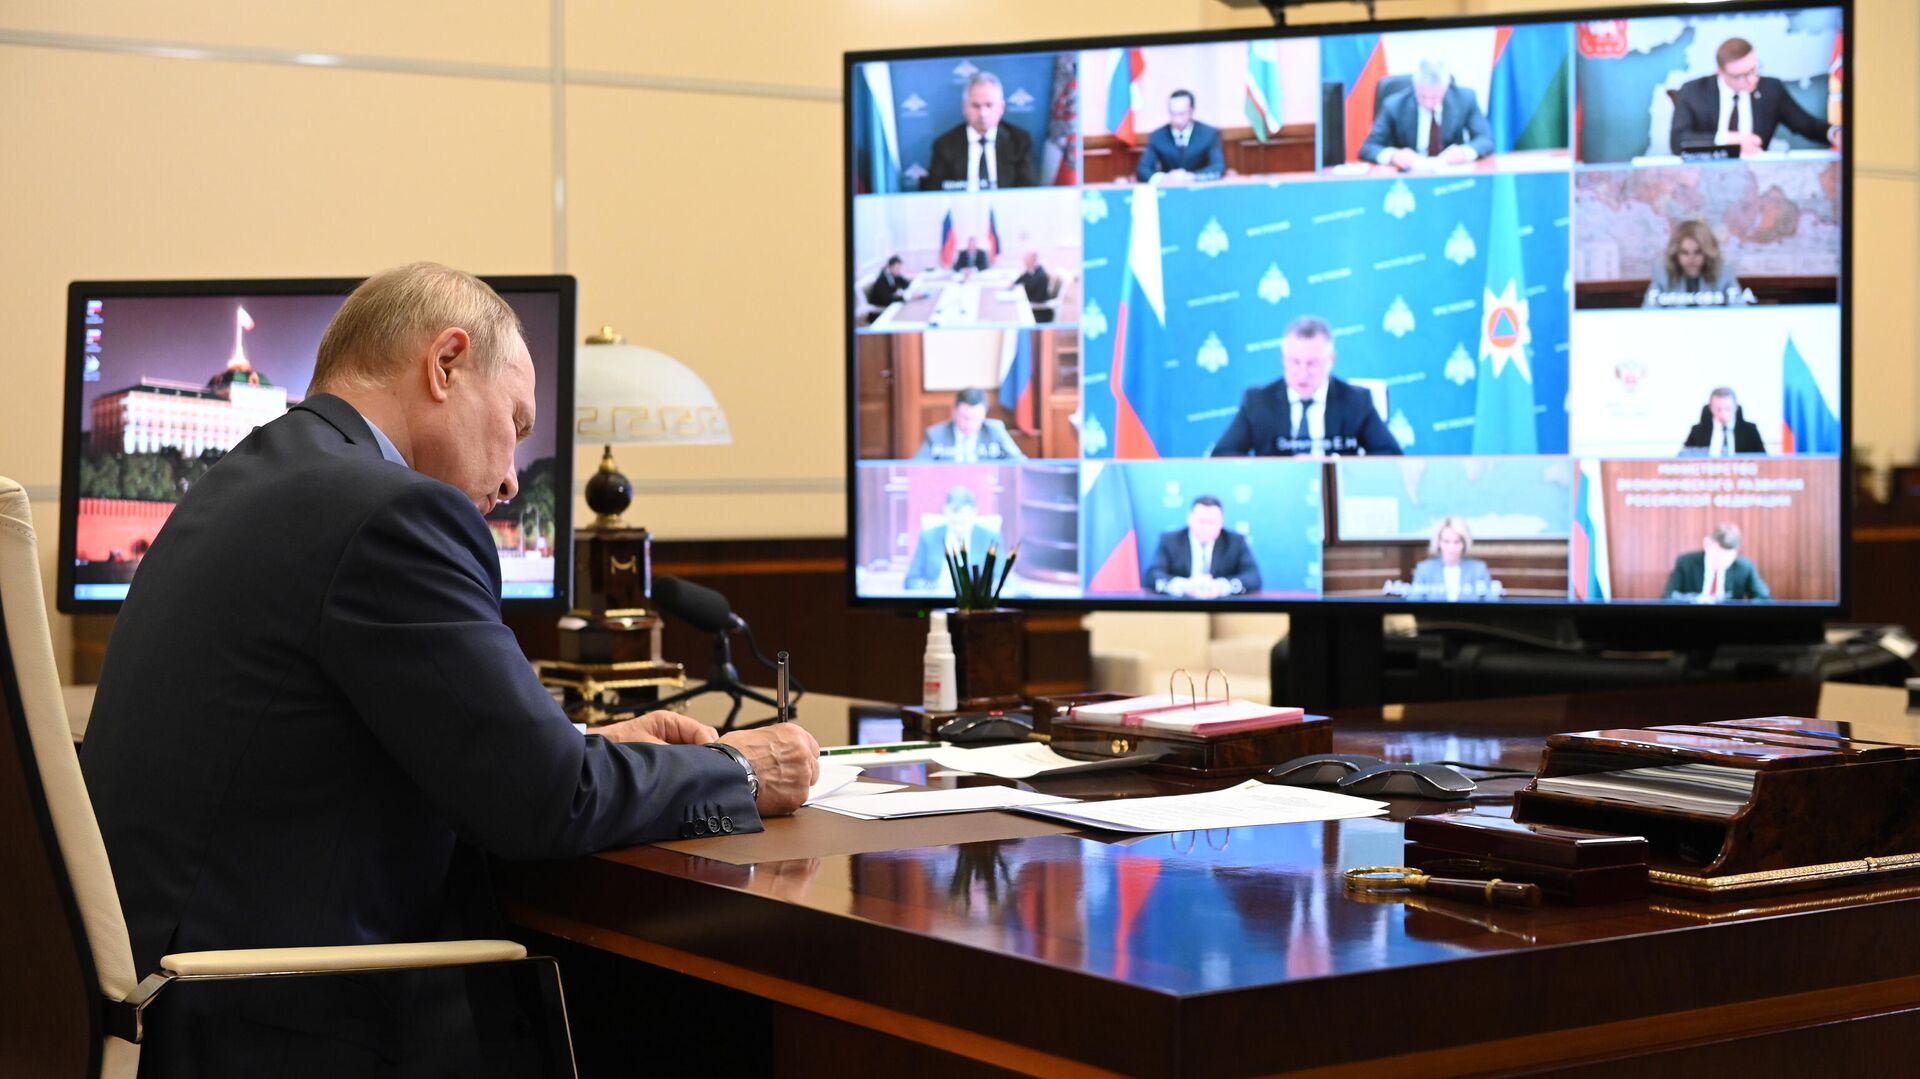 Президент РФ Владимир Путин проводит совещание с членами правительства РФ в режиме видеоконференции - РИА Новости, 1920, 27.07.2021